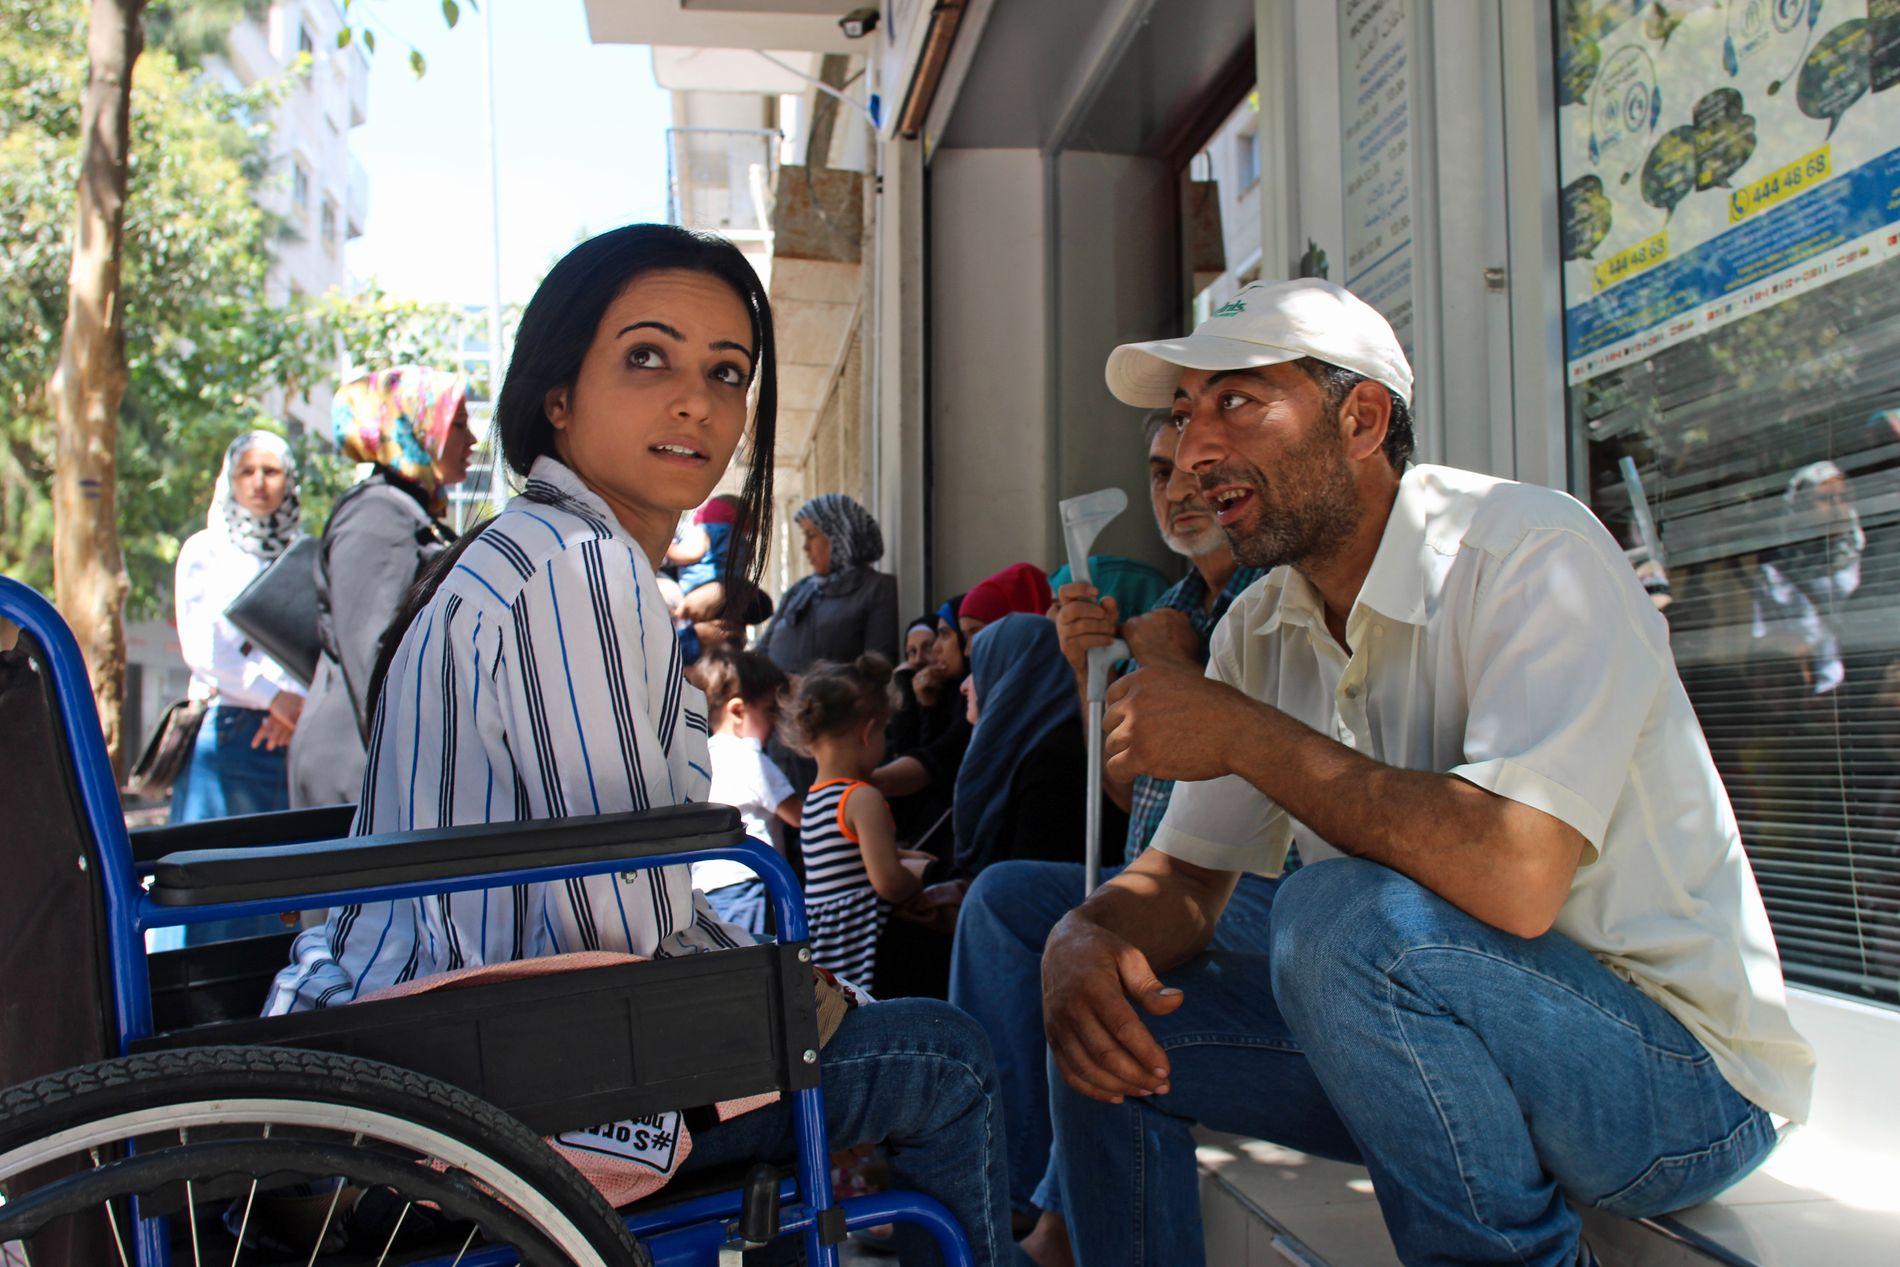 VENTER PÅ FN: Noor snakker med en nabo mens hun venter i kø utenfor det FN-tilknyttede ASAM-senteret i Izmir.